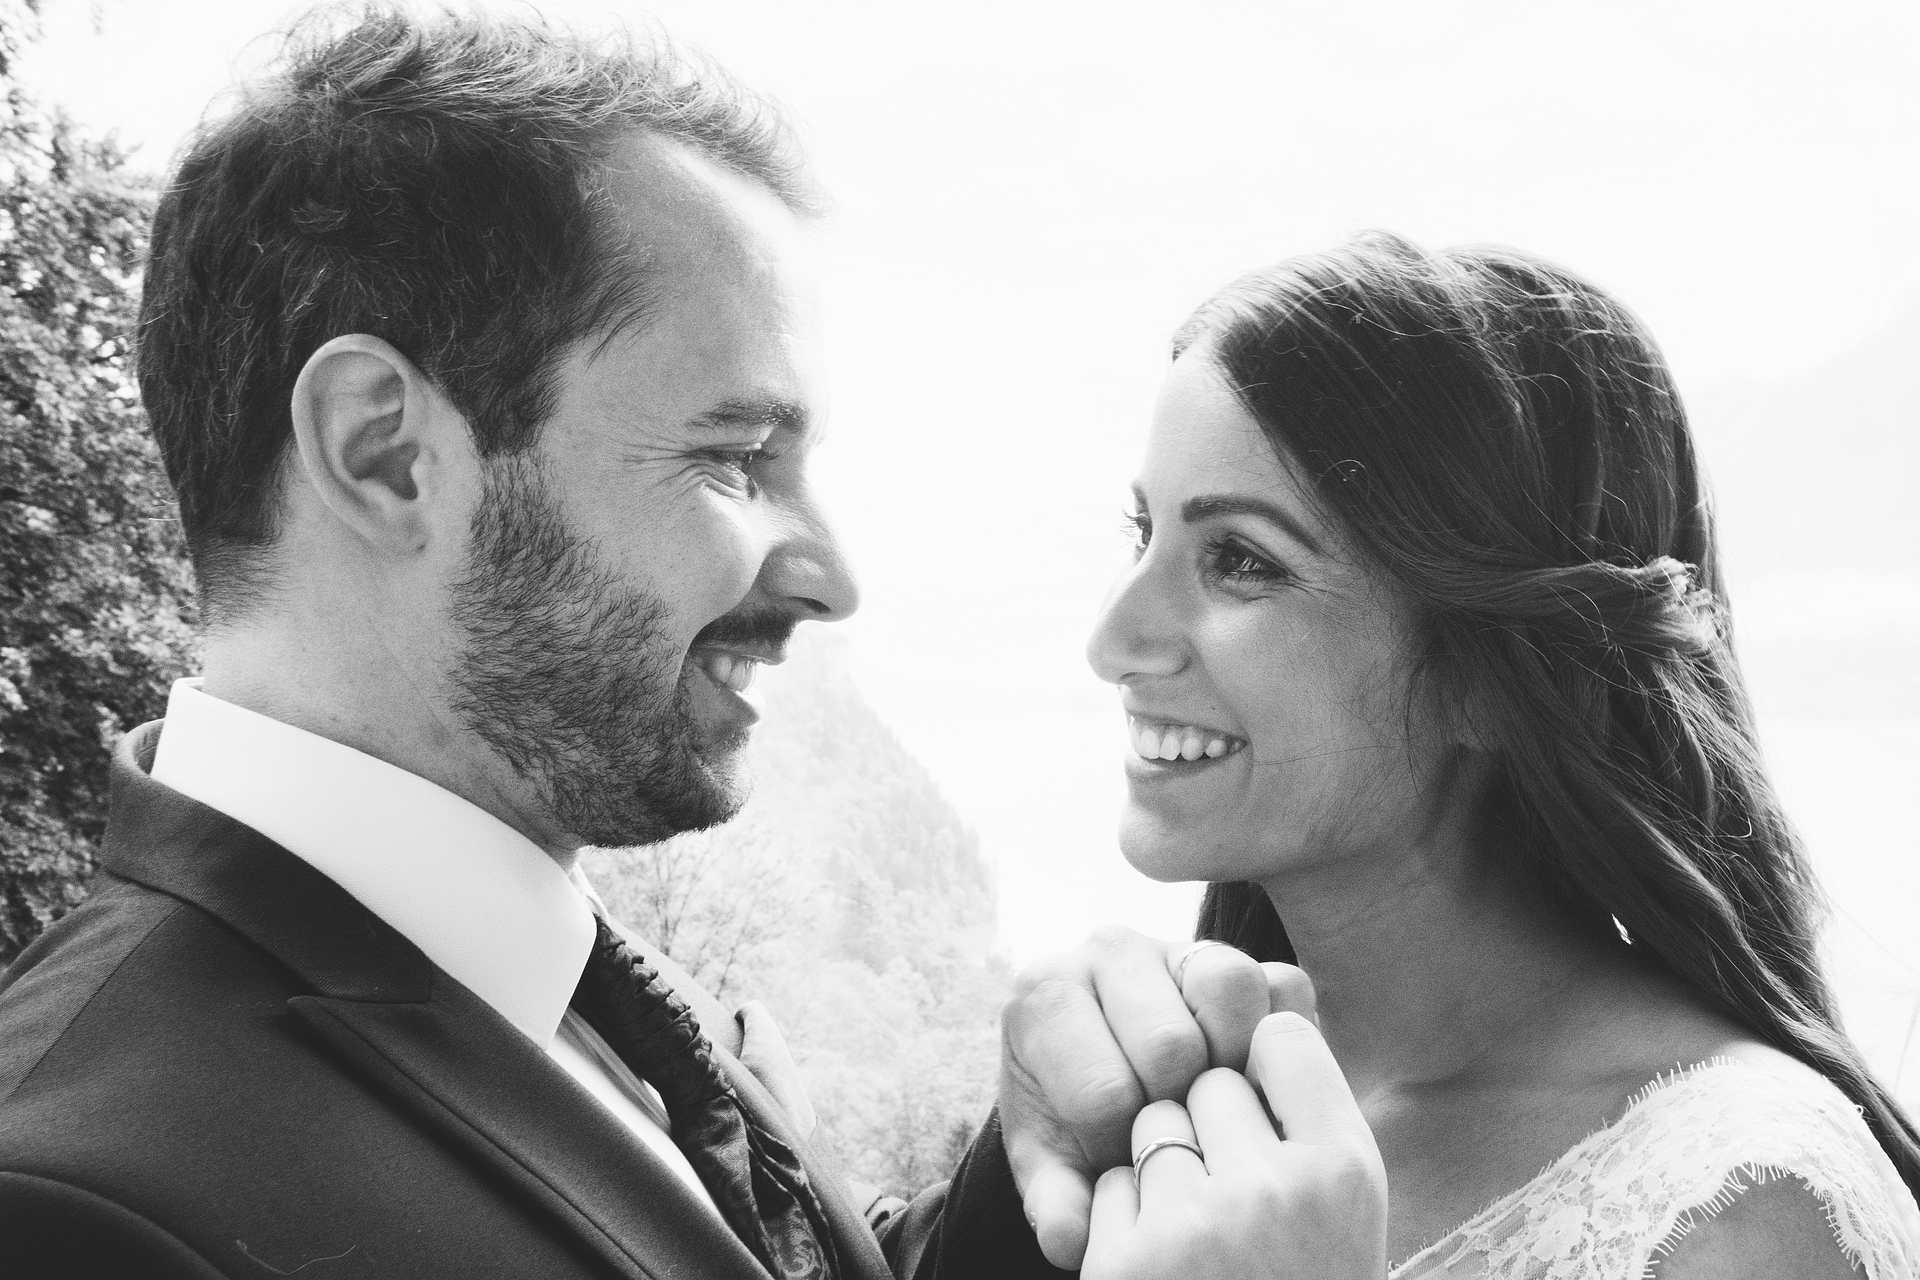 Ziviltrauung civil wedding Grand hotel Giessbach photographer günstig